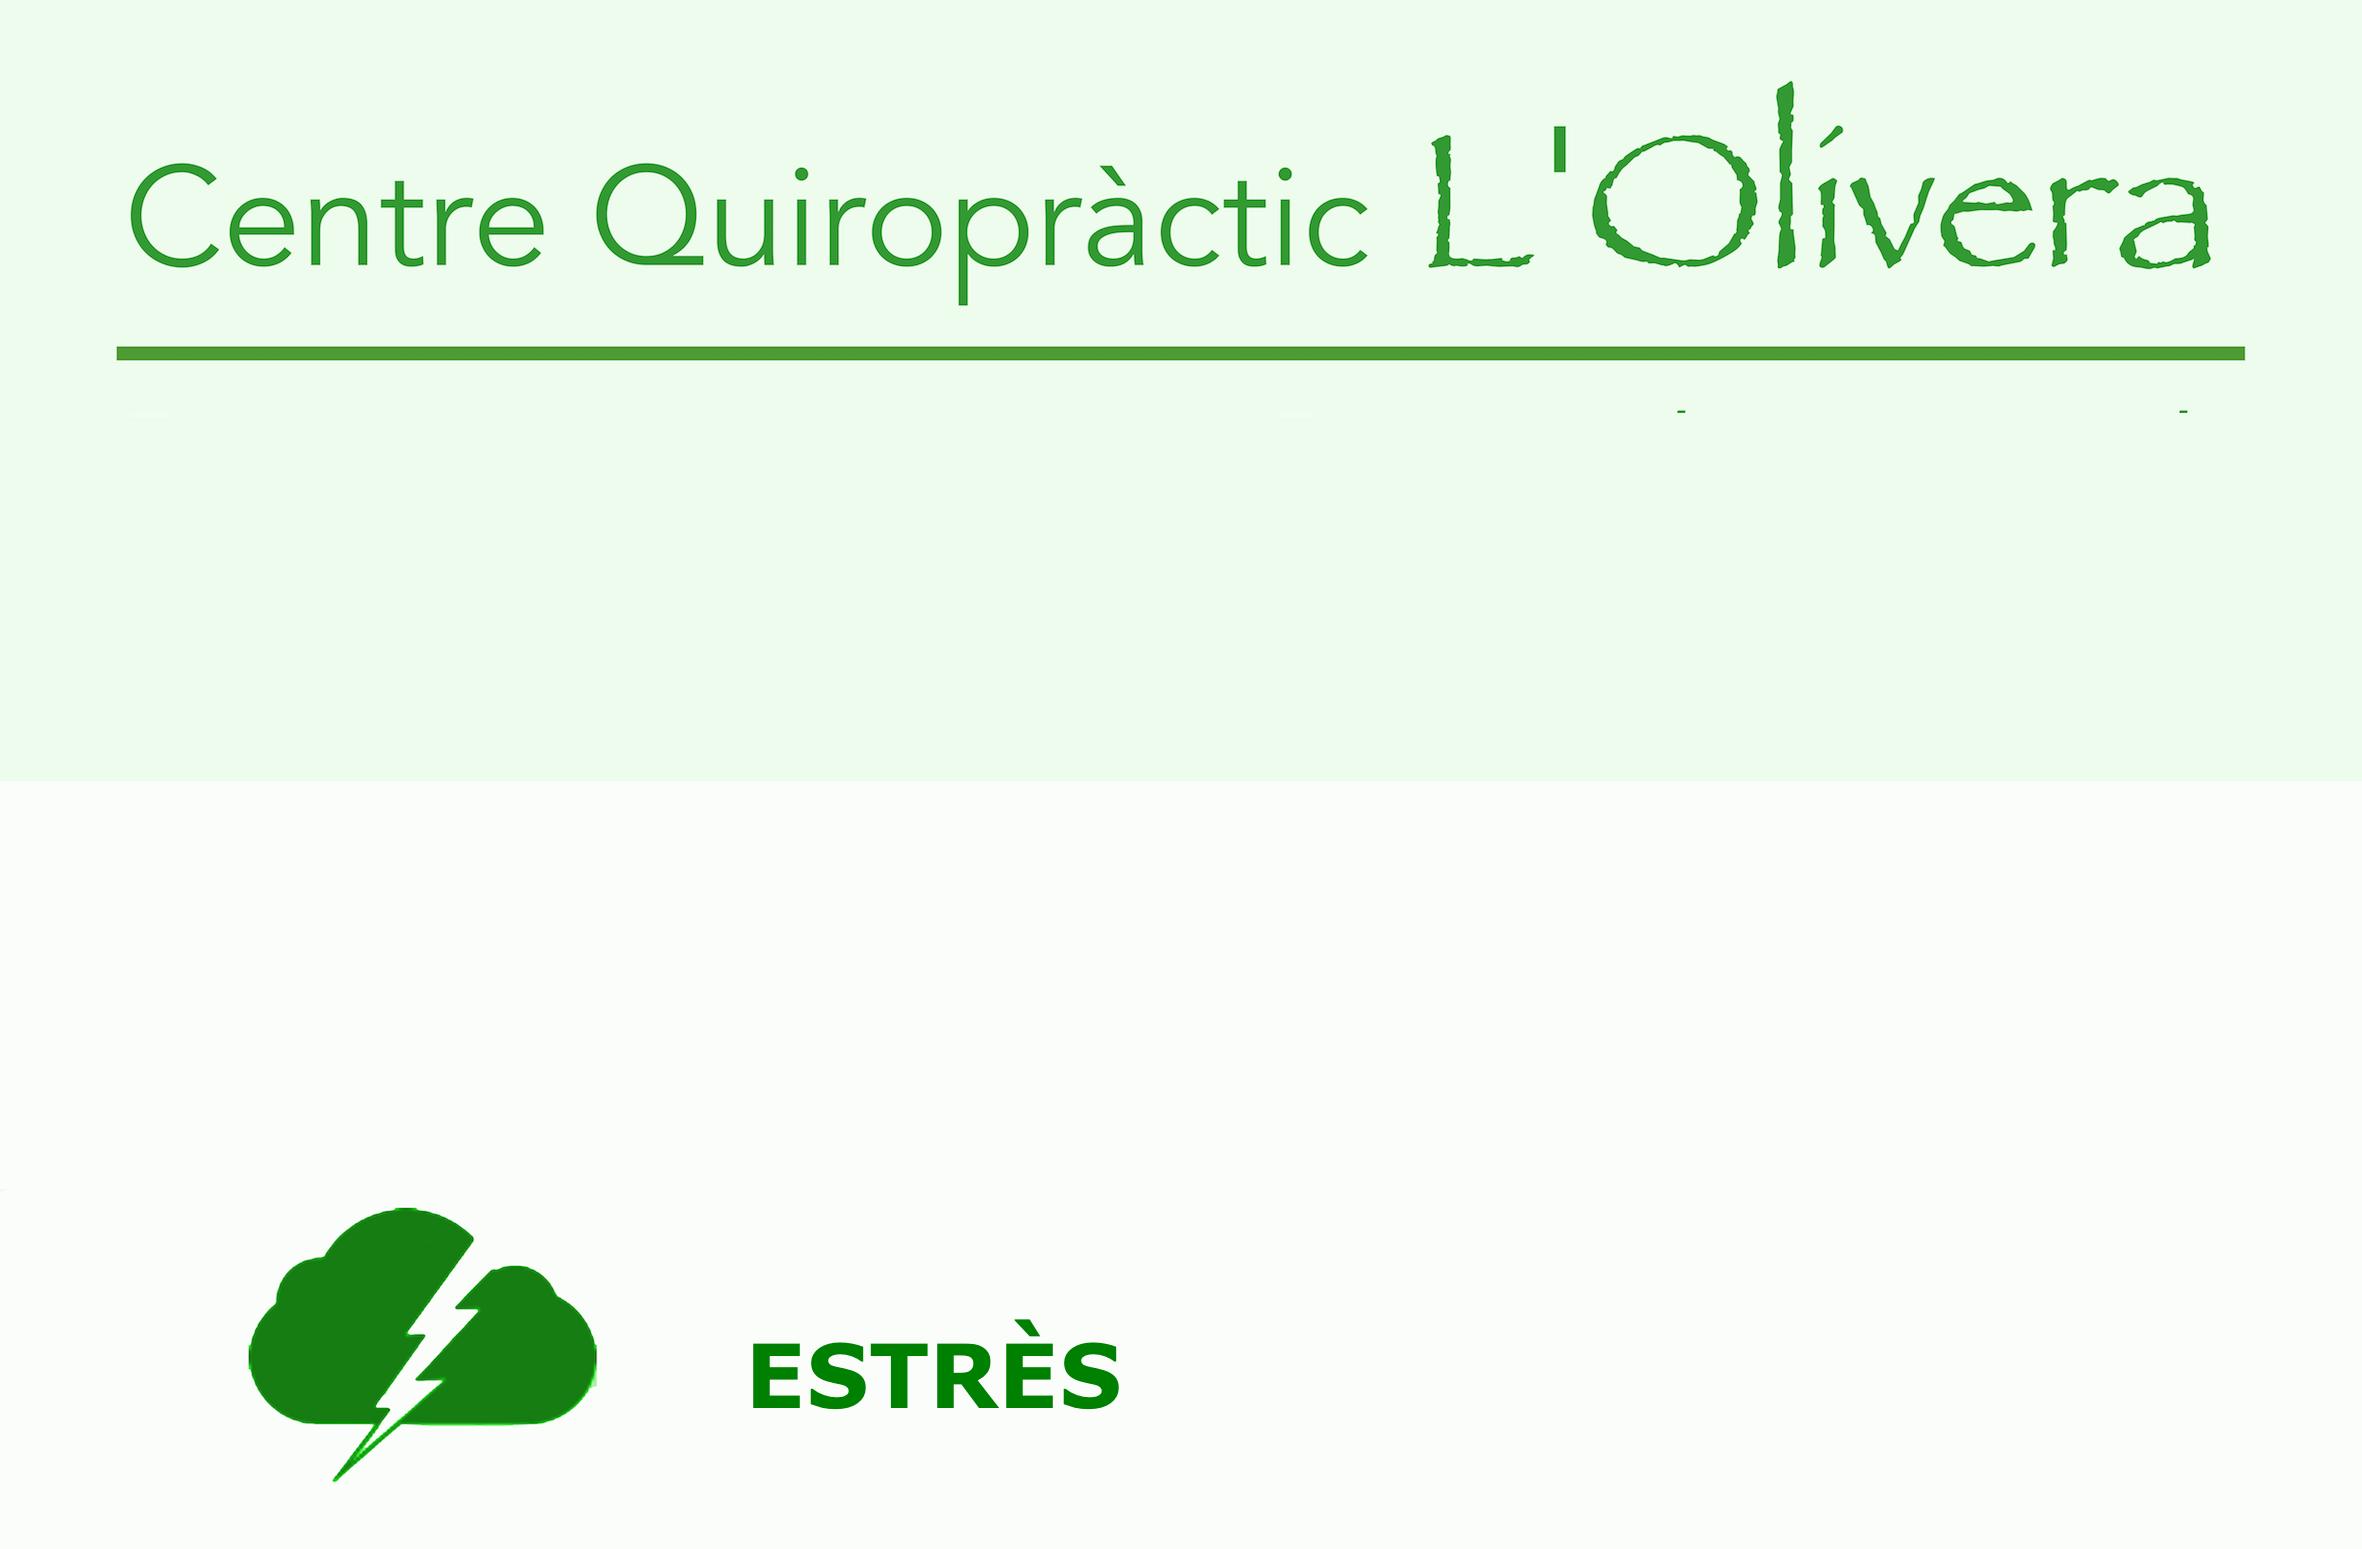 ayudar-ESTRÈS-quiropracticlolivera